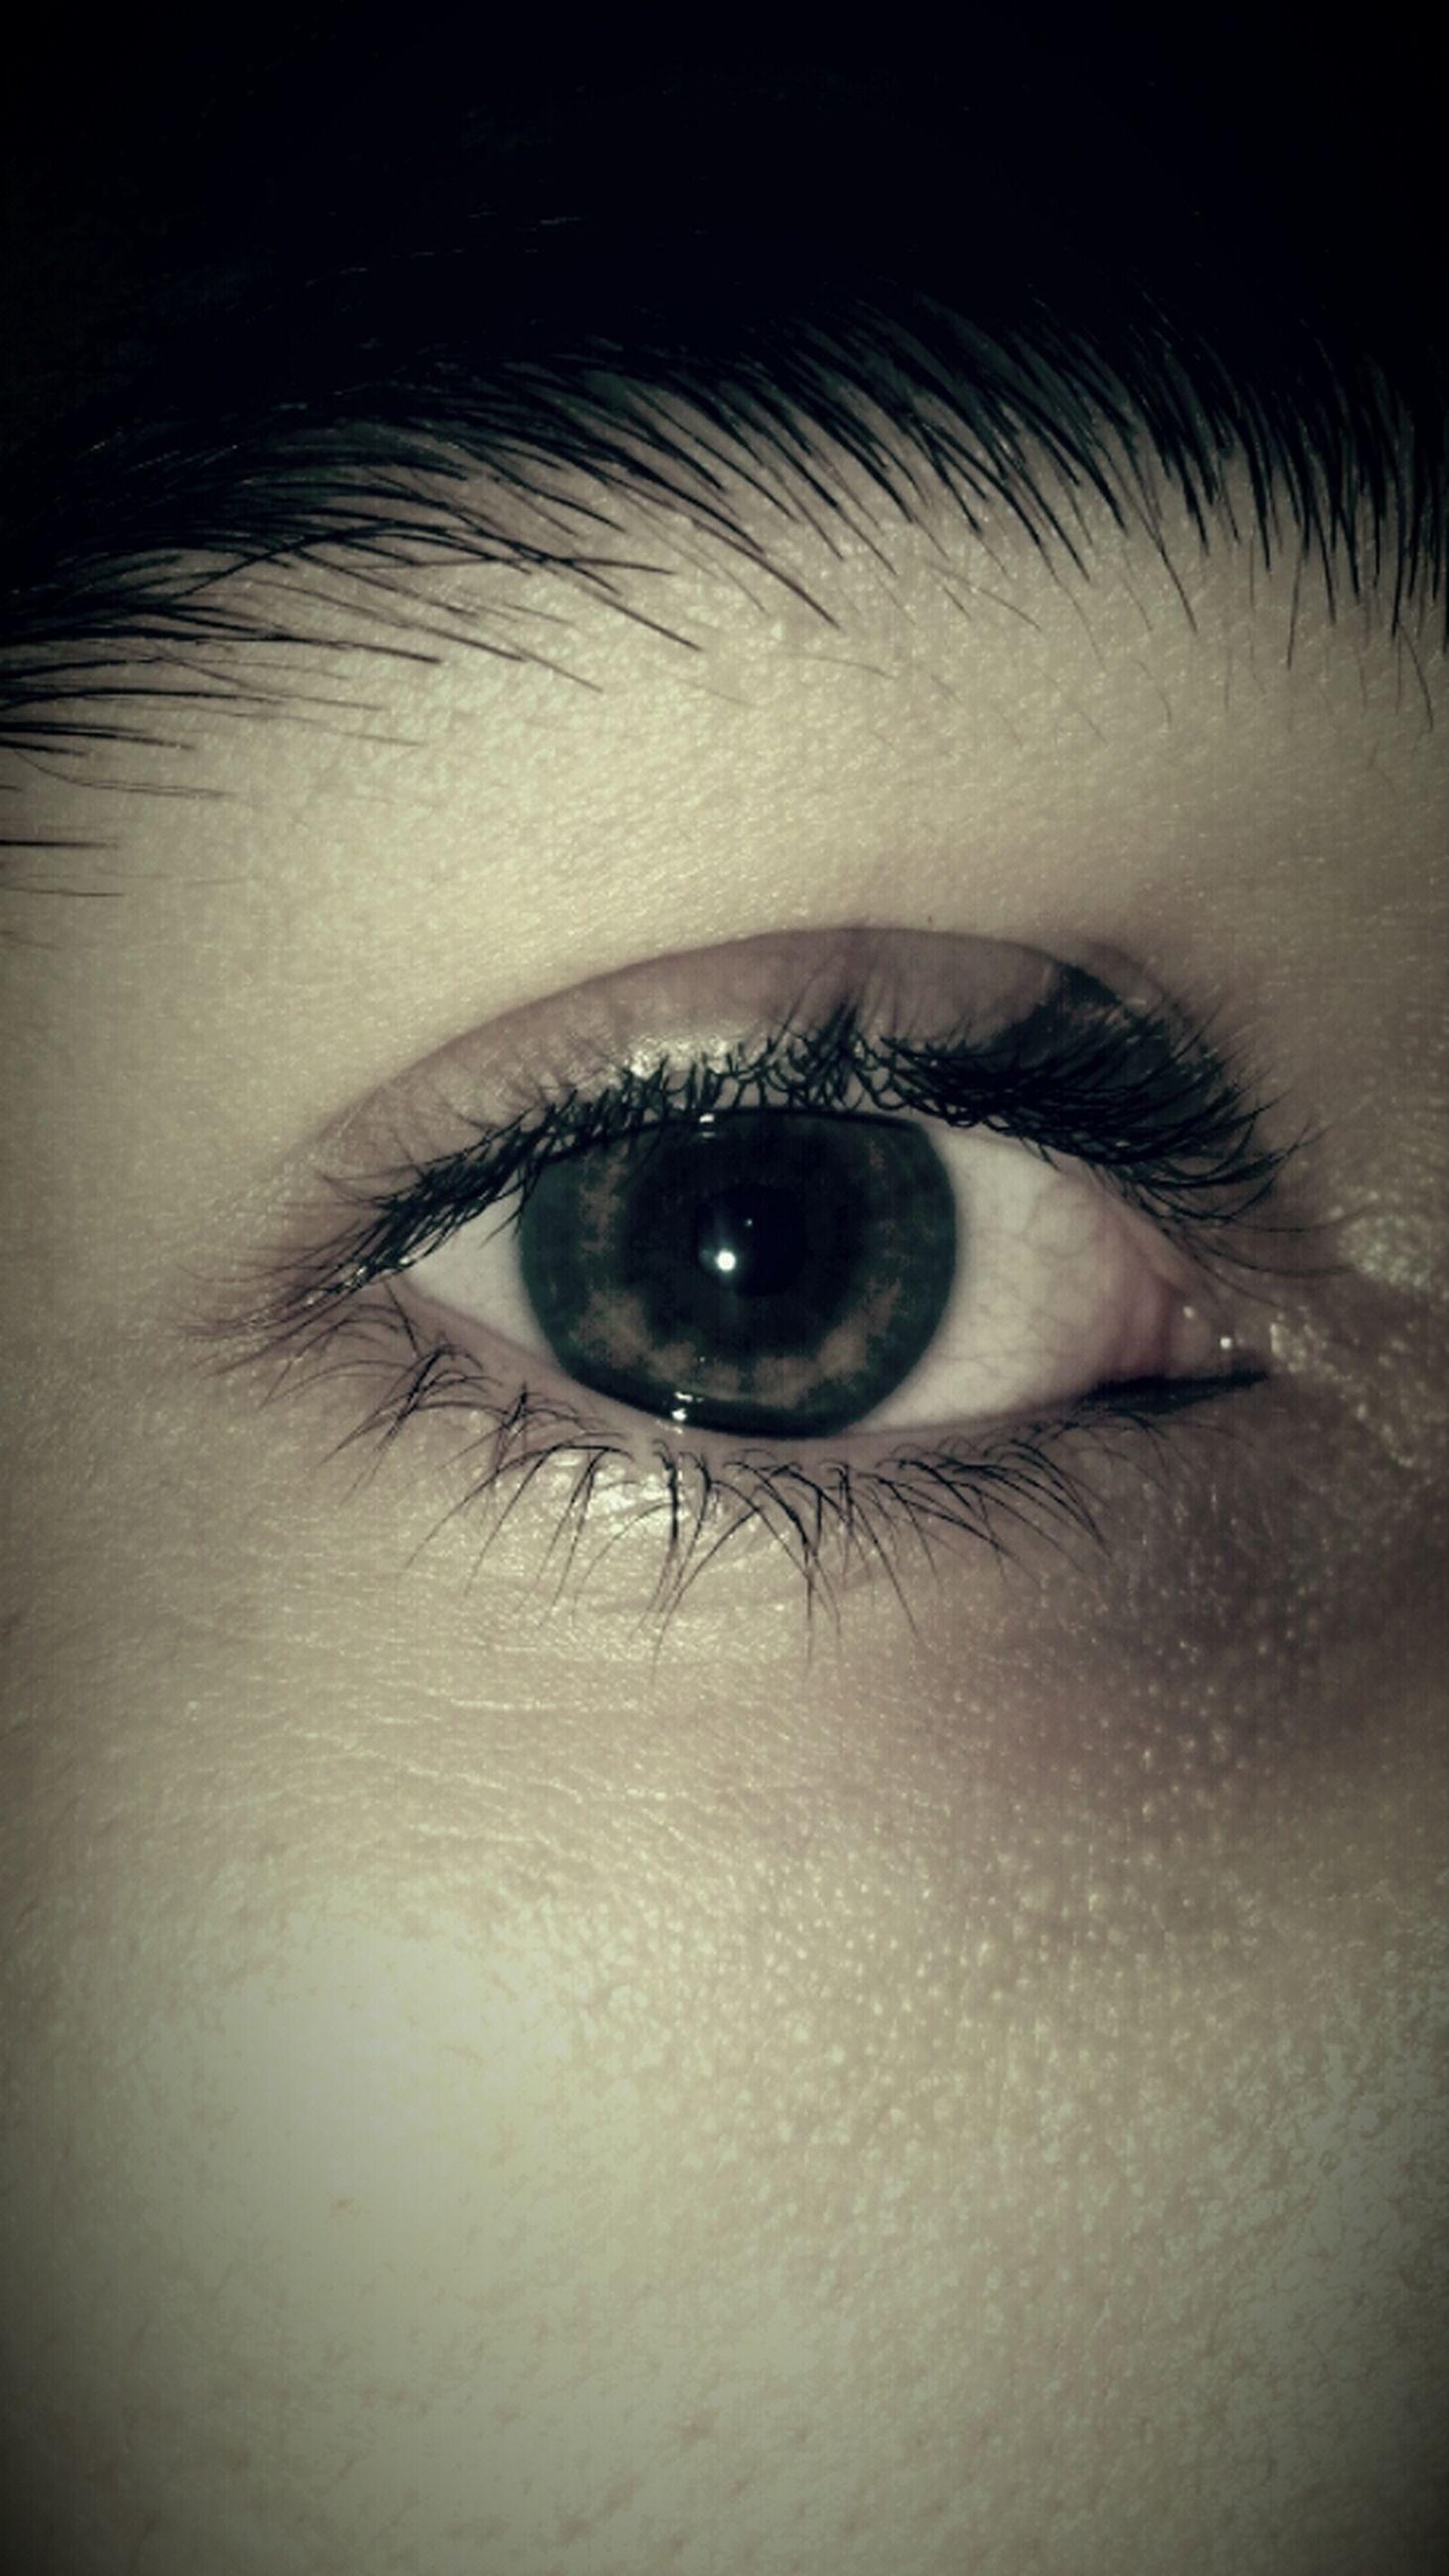 human eye, close-up, eyelash, eyesight, sensory perception, part of, extreme close-up, full frame, human skin, indoors, iris - eye, extreme close up, backgrounds, unrecognizable person, portrait, looking at camera, eyeball